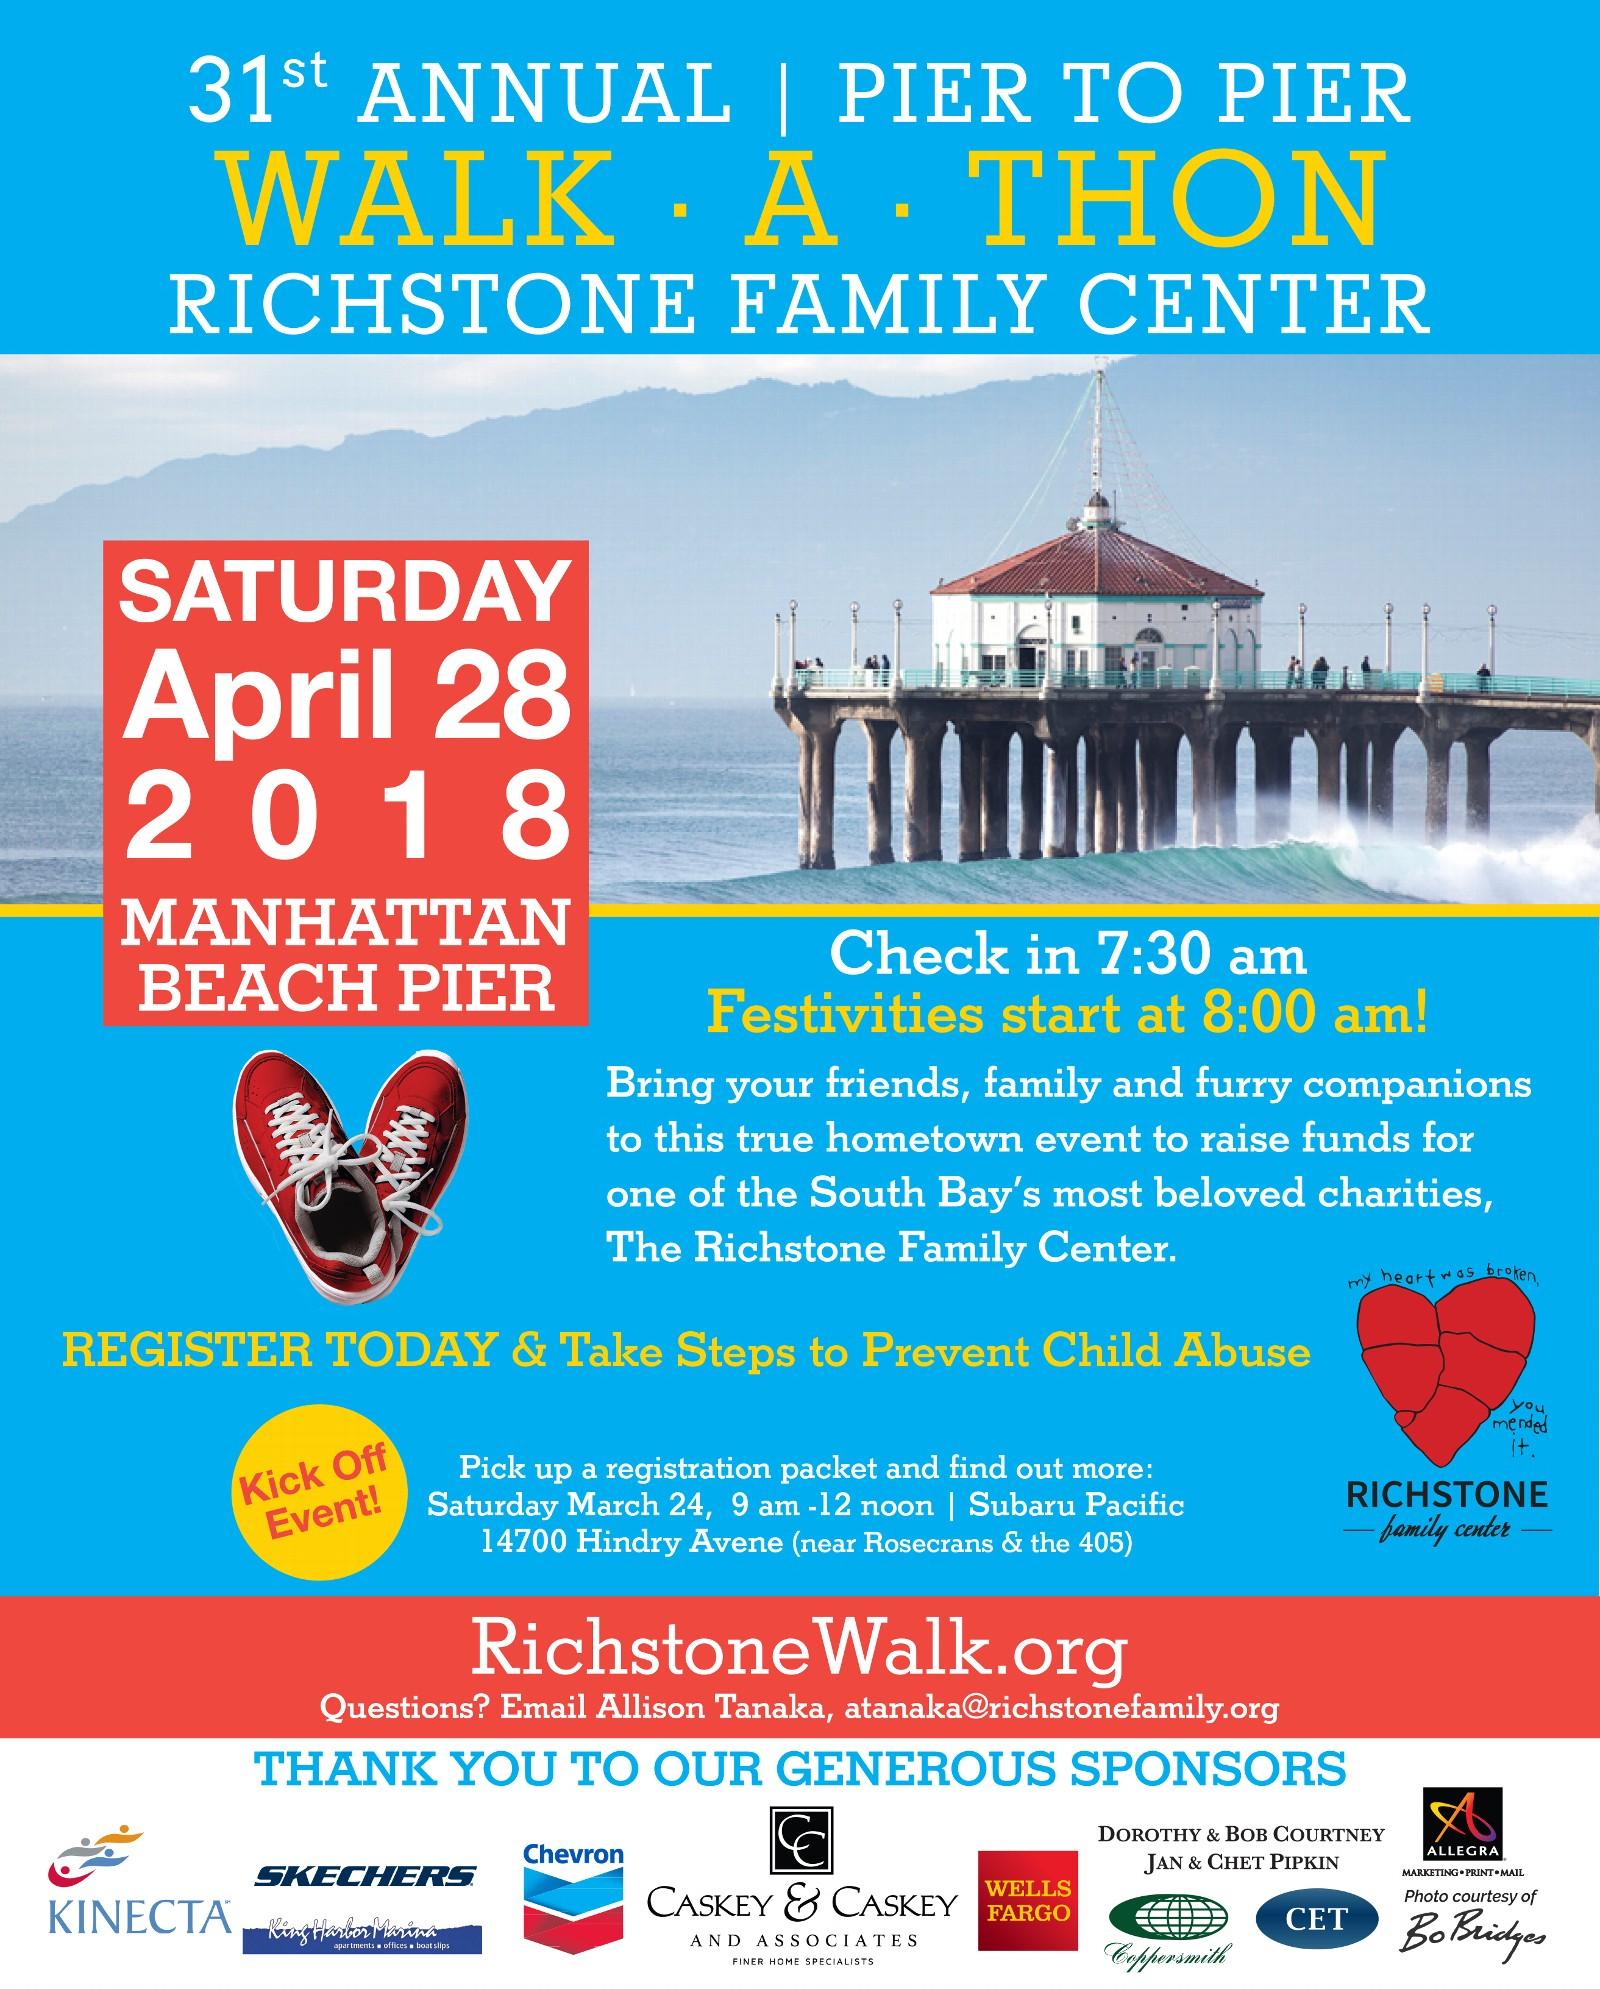 Richstone Family Center